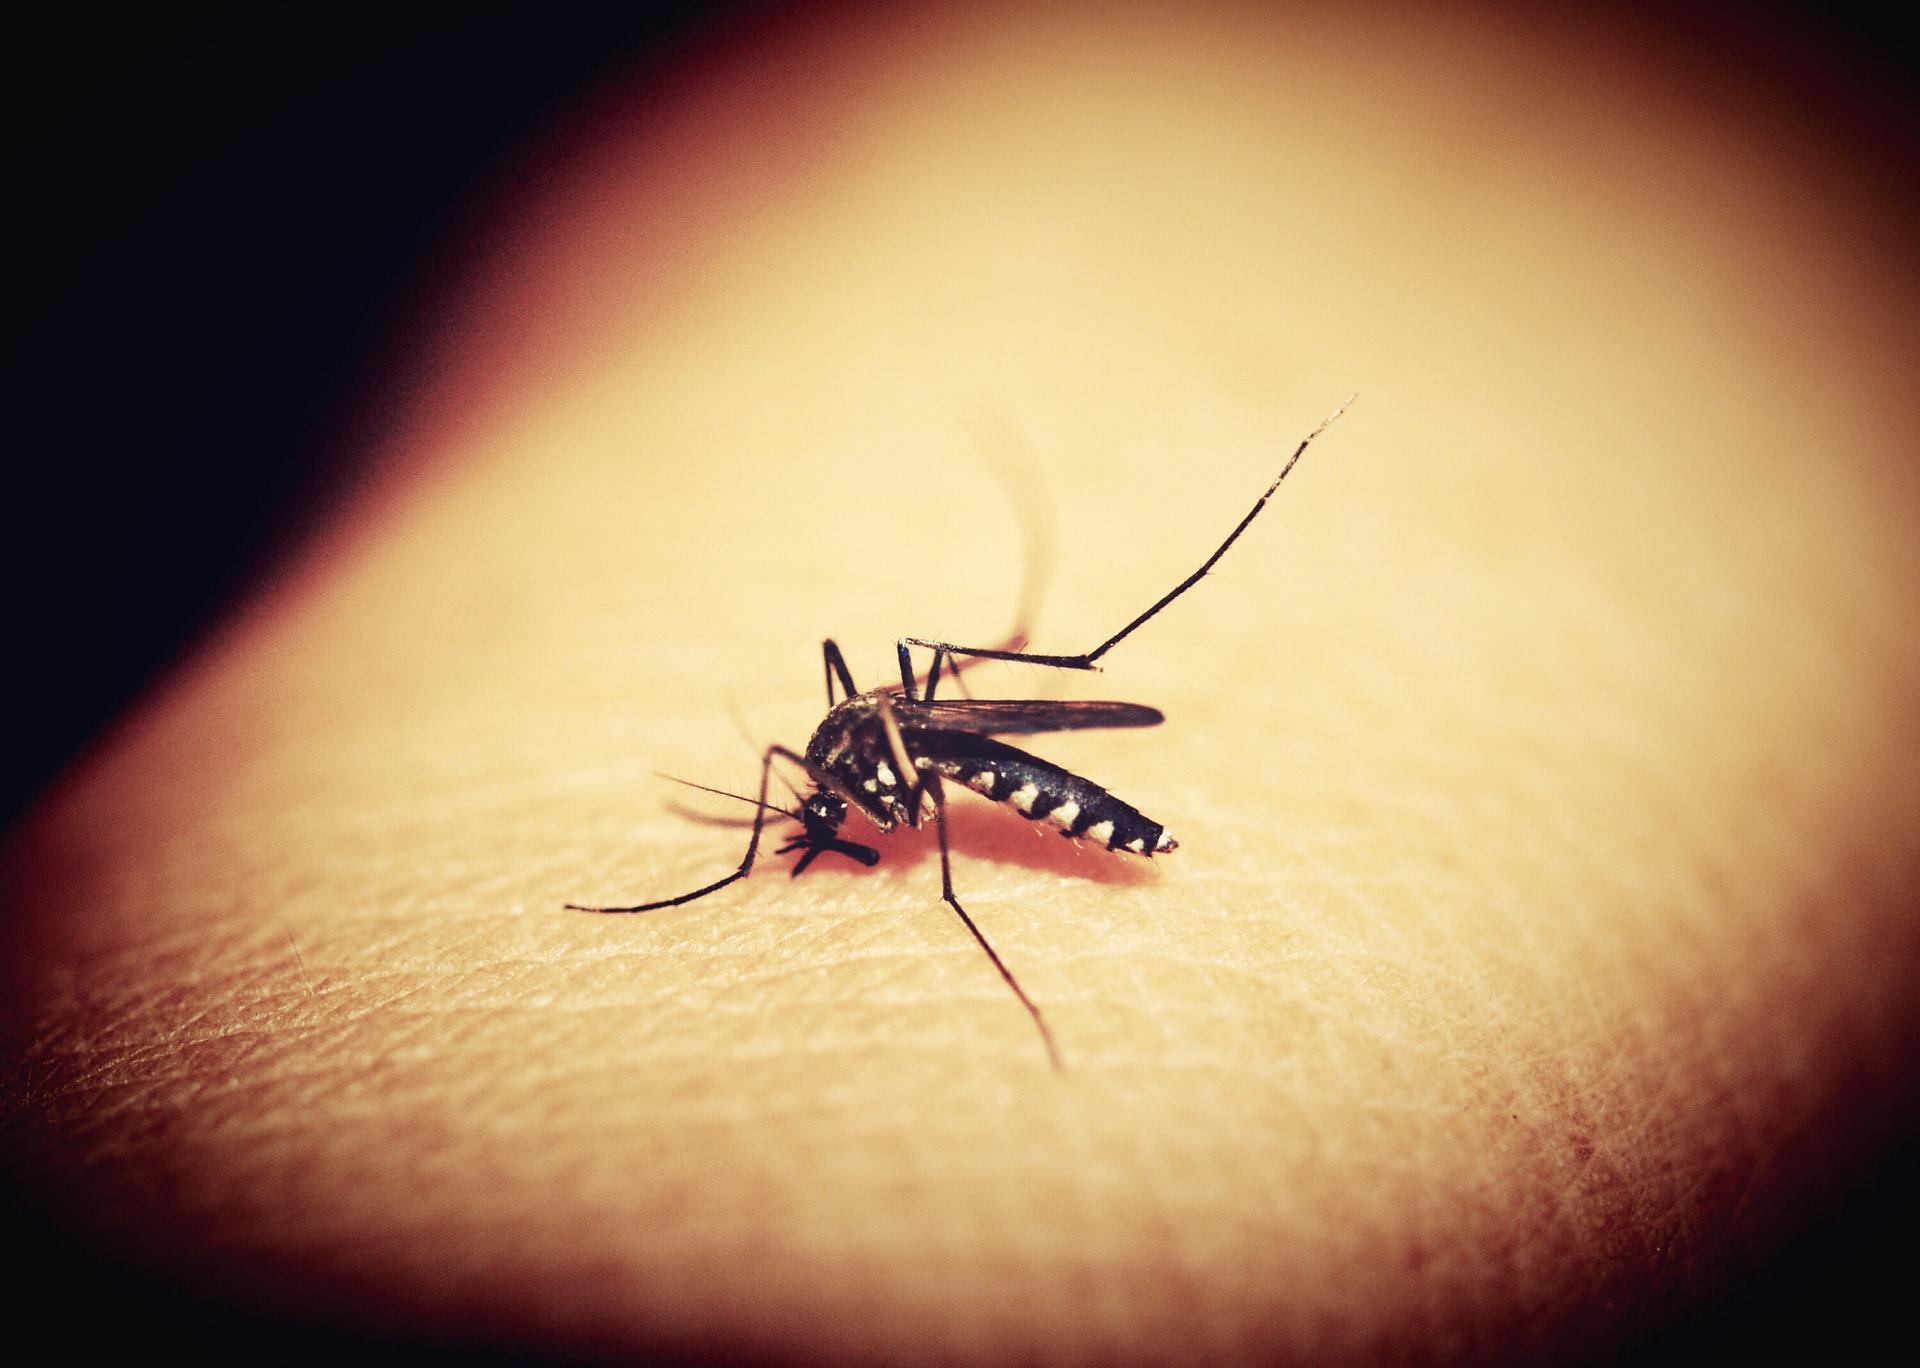 mosquitoe-1548975_1920.jpg